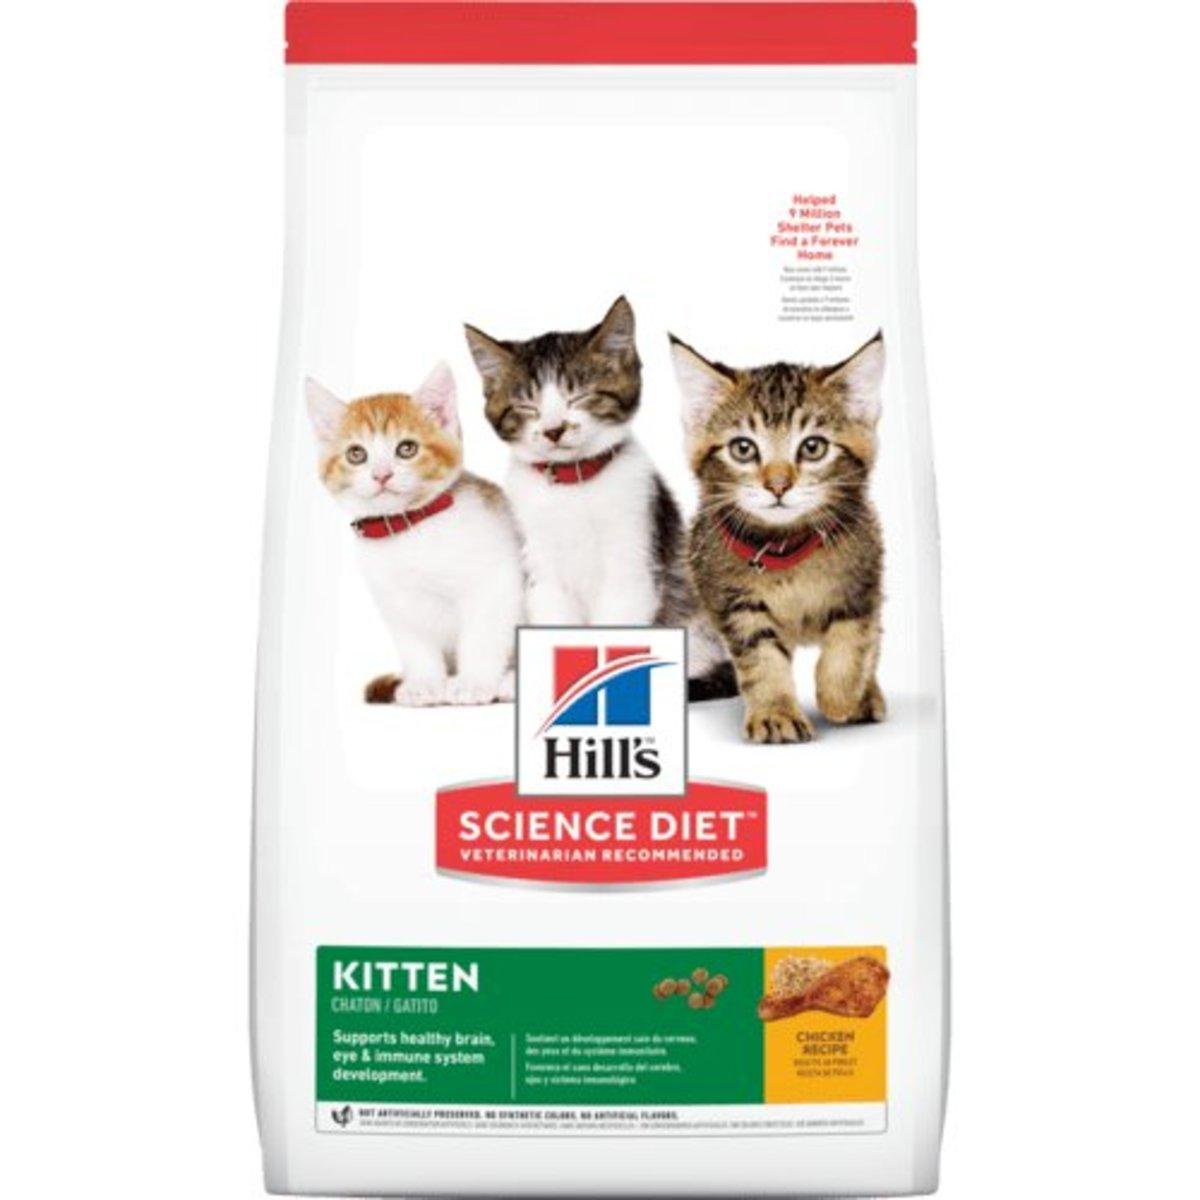 Kitten (3.5lbs) #7123